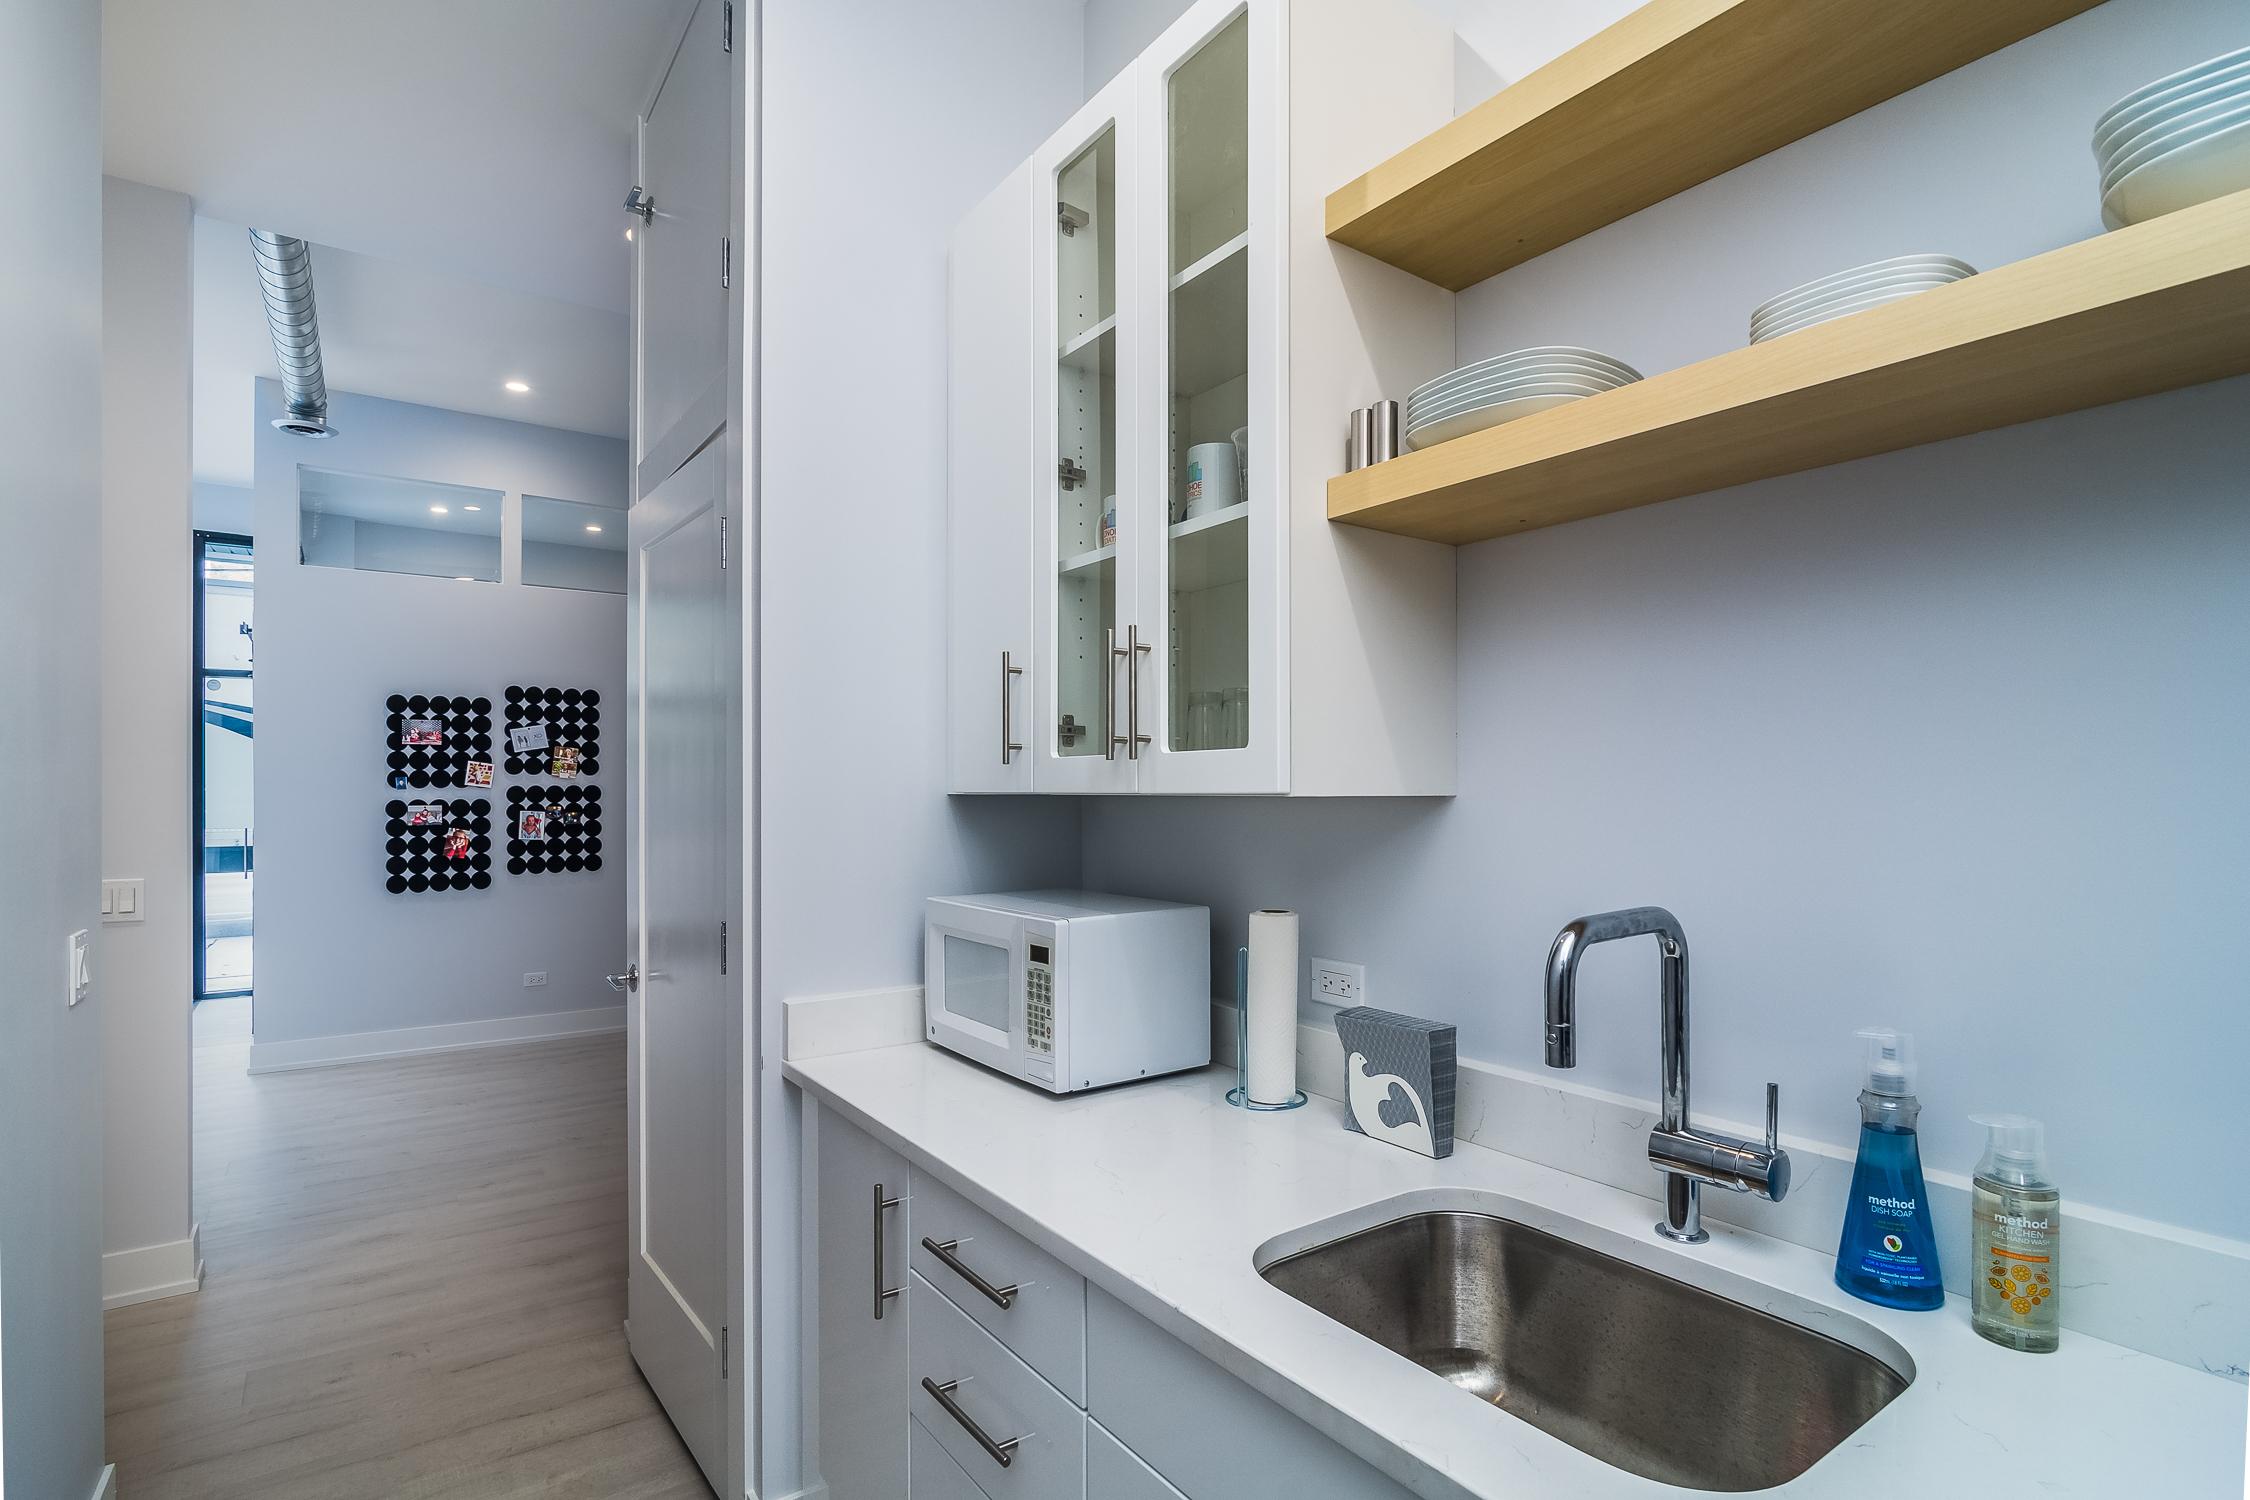 Modern office kitchen design.jpg